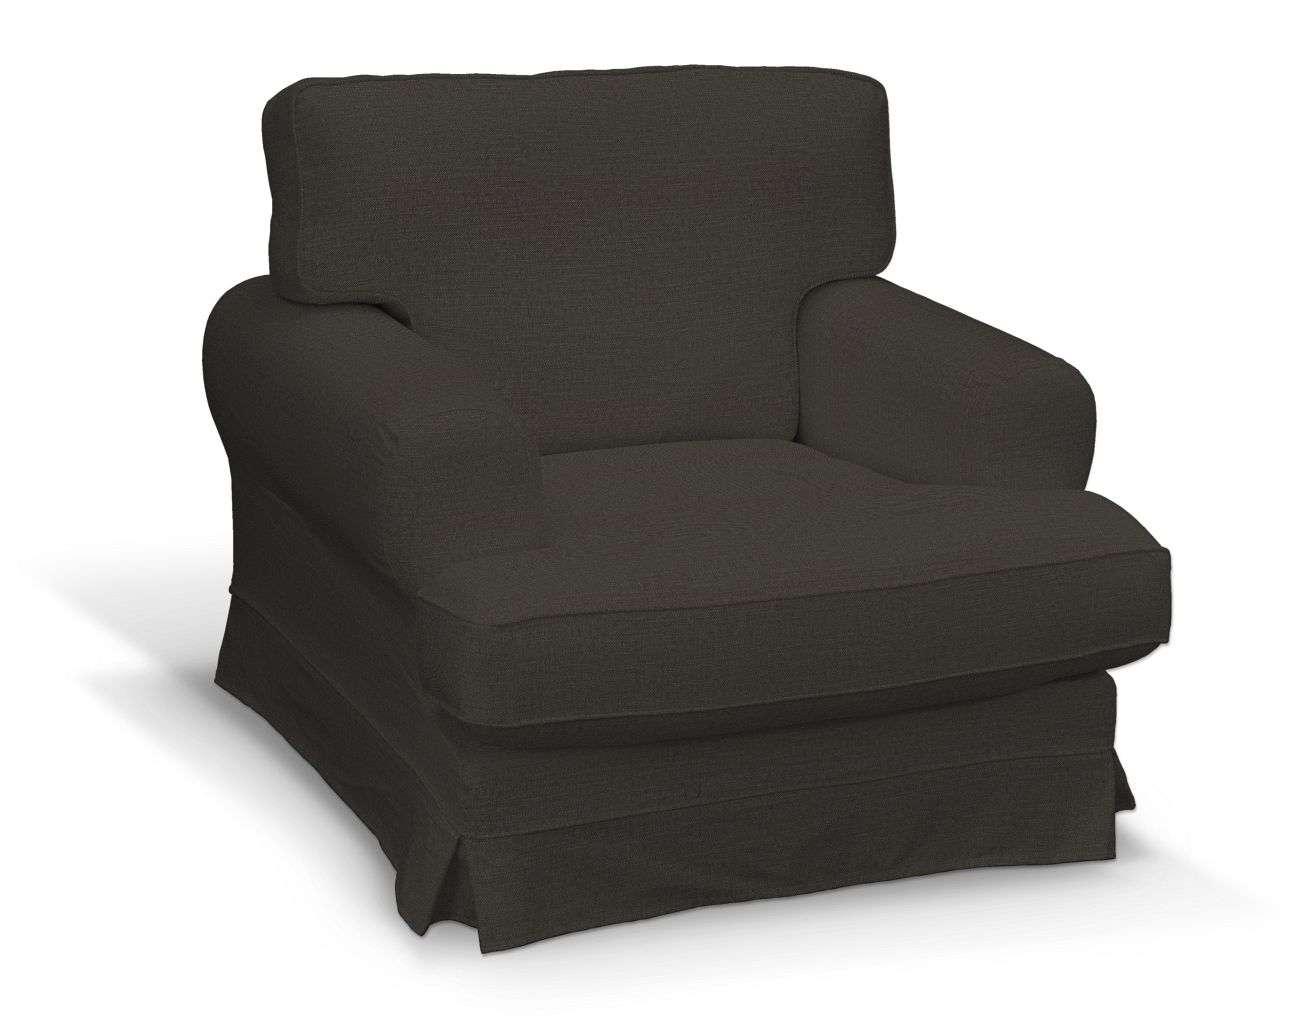 Bezug für Ekeskog Sessel von der Kollektion Etna, Stoff: 702-36